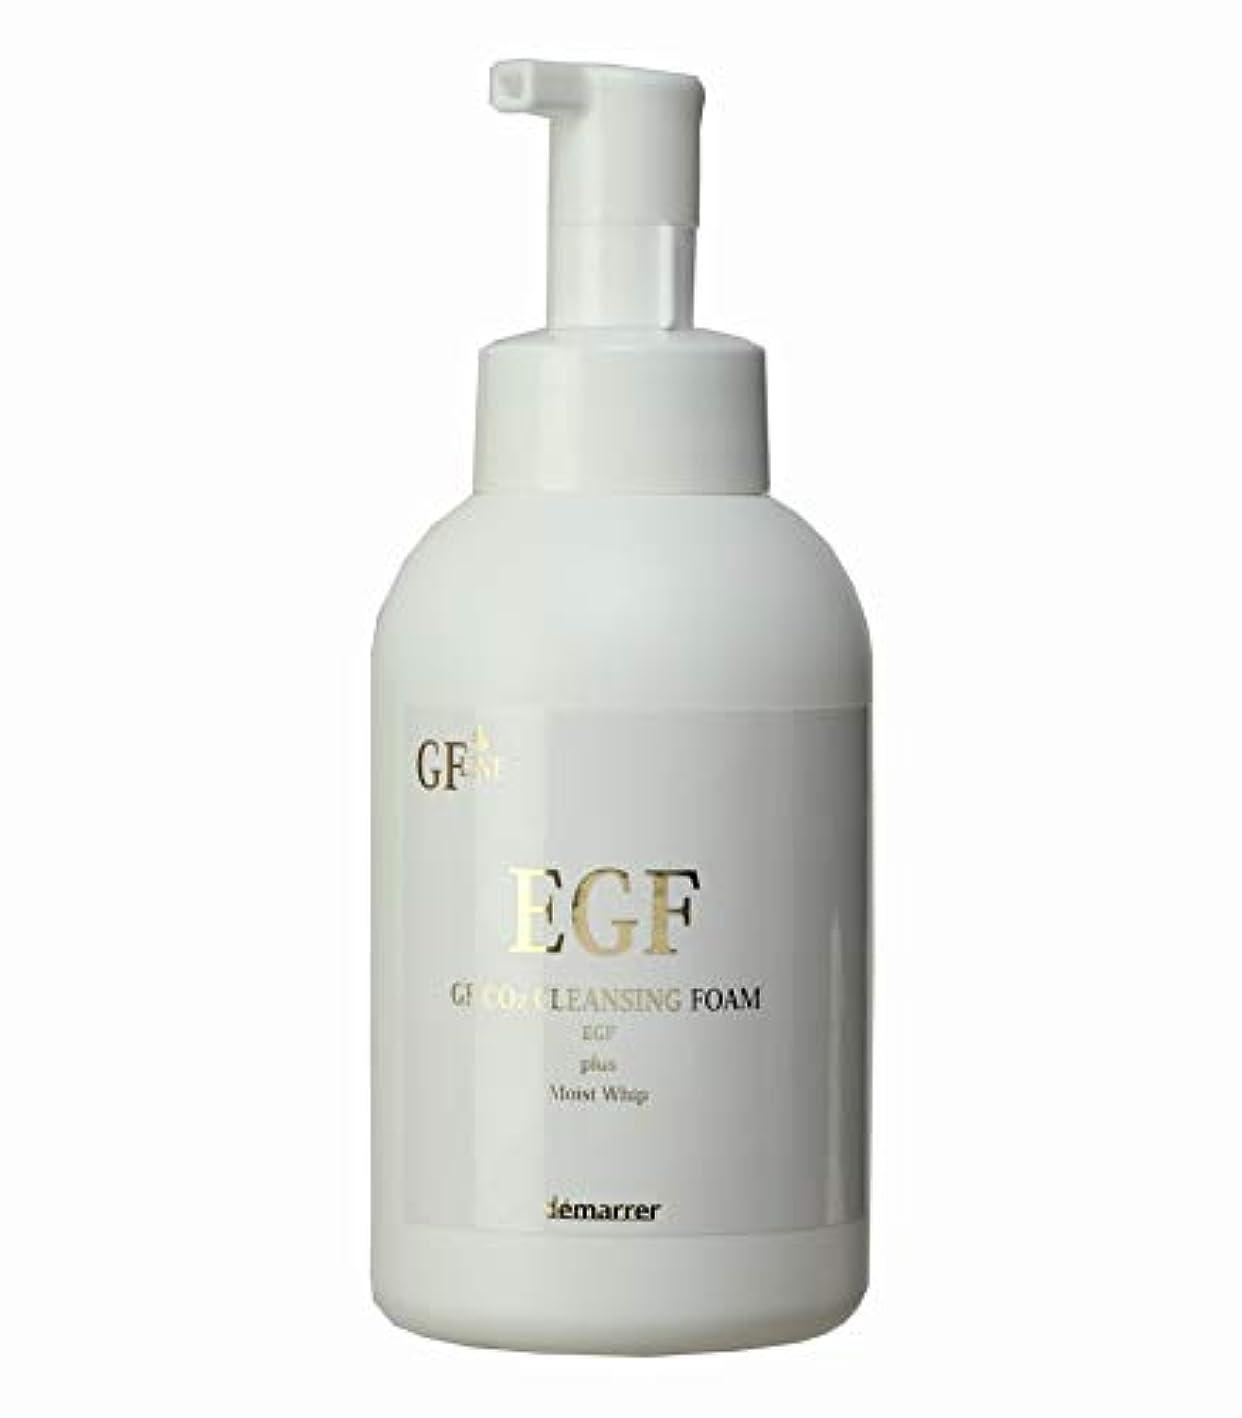 真似る理想的にはゴネリルデマレ GF炭酸洗顔フォーム 500ml